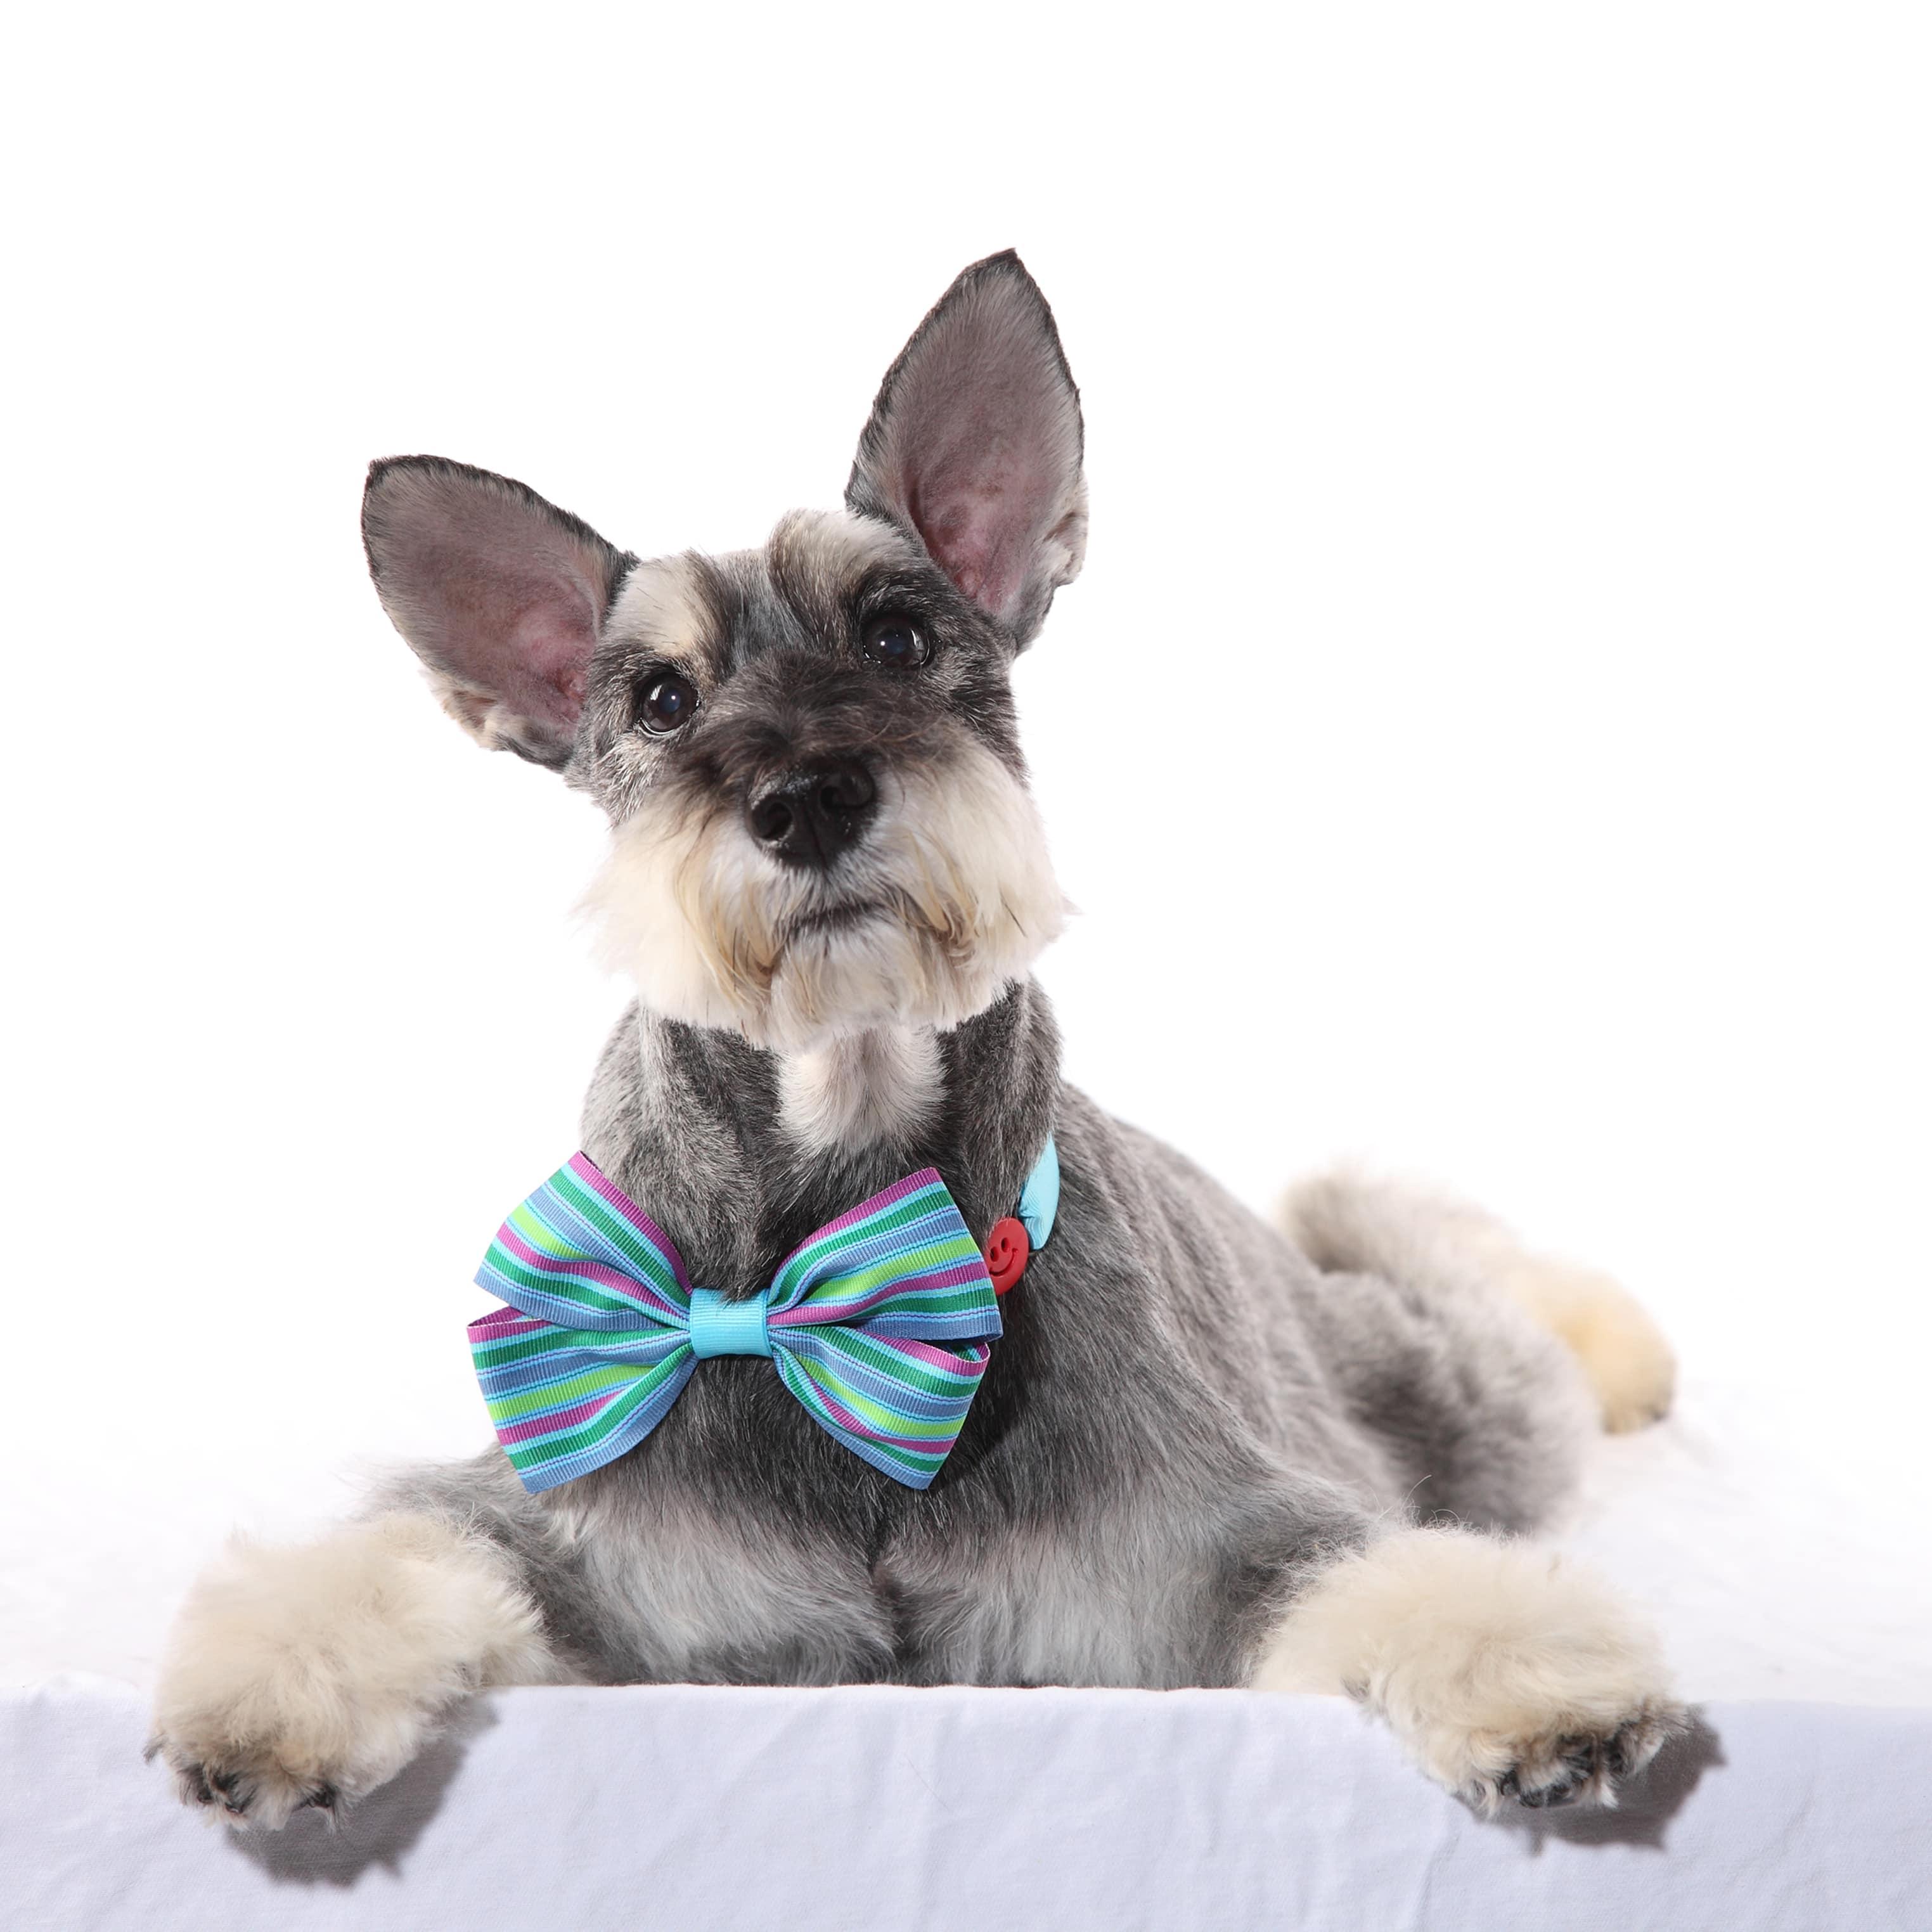 迷你雪納瑞於1899年以獨立犬種之姿站上德國狗展的舞台,成為唯一非英國產的㹴犬